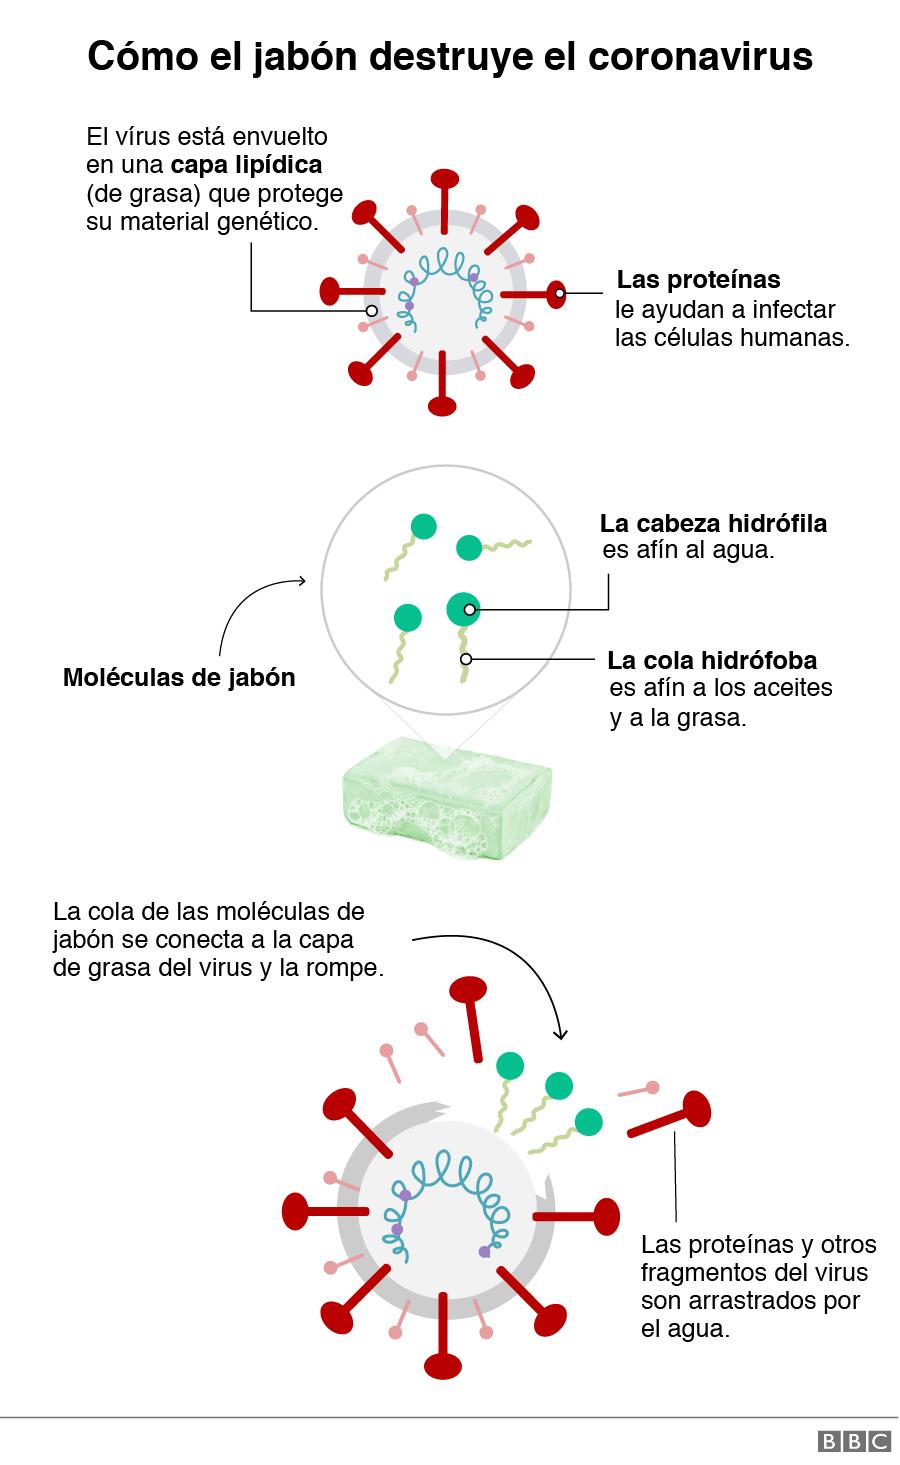 Gráfico mostrando cómo el jabón destruye el virus